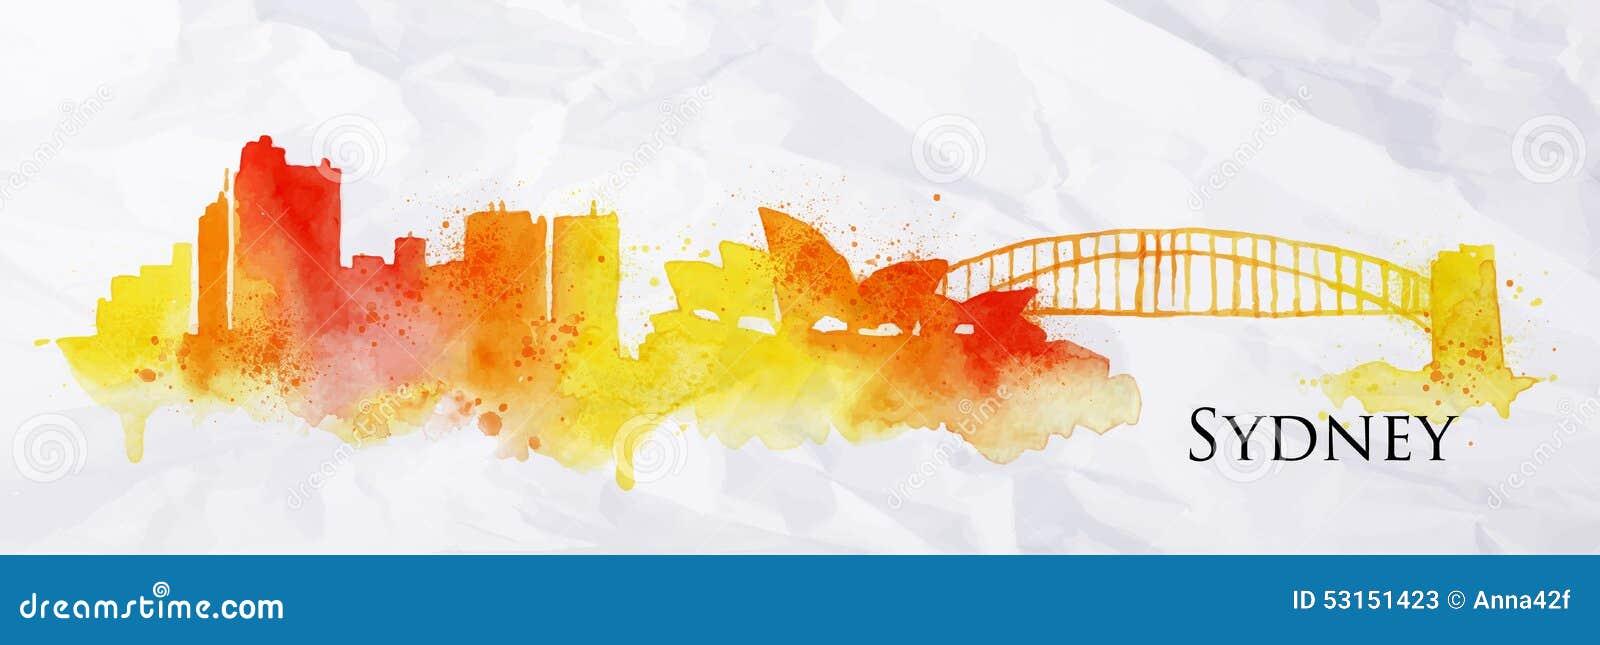 Acuarela Sydney de la silueta